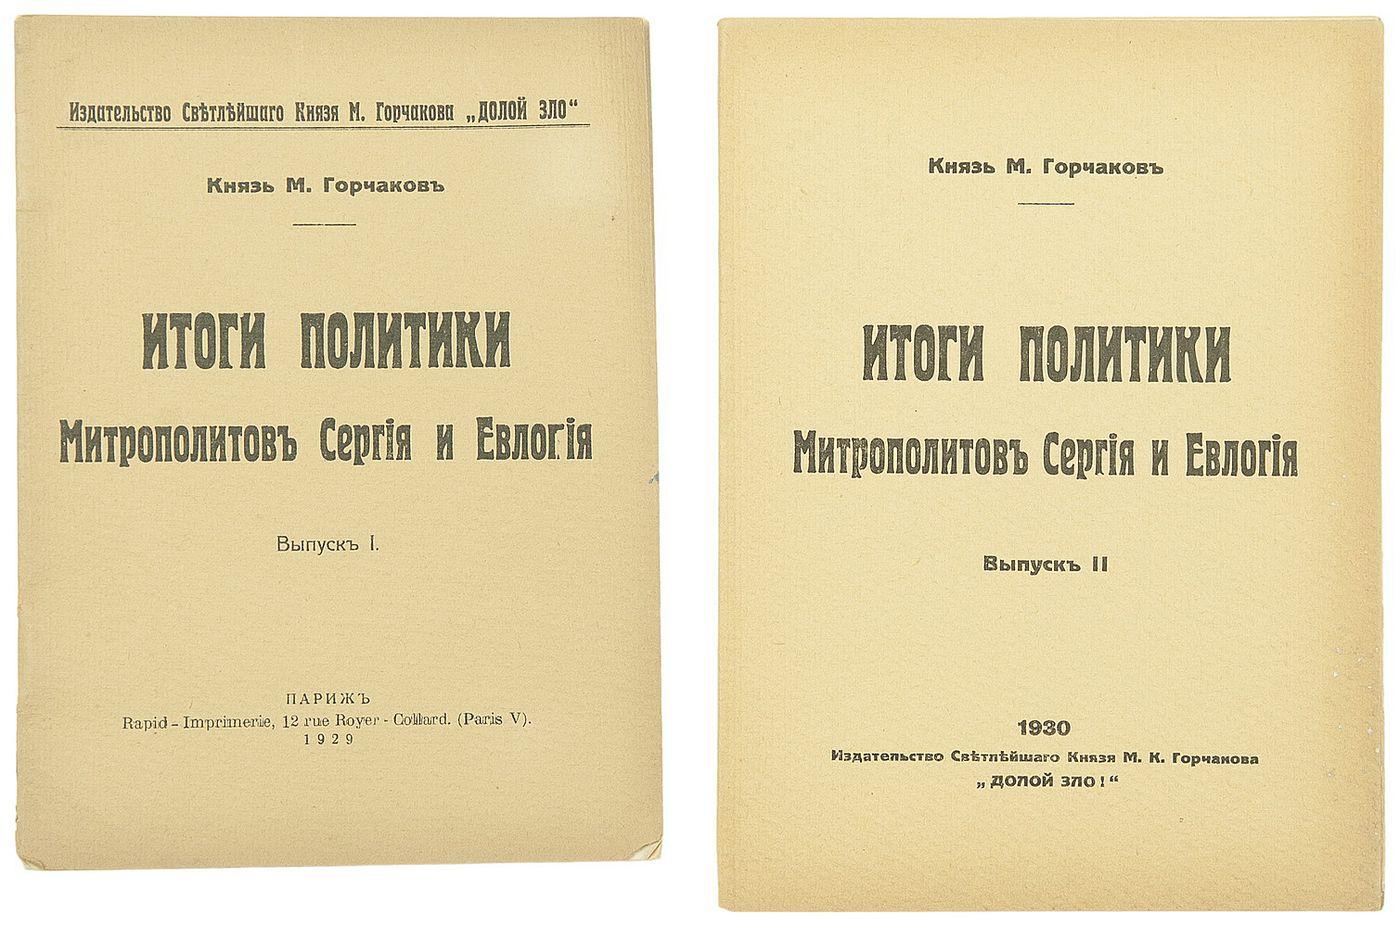 Горчаков открытки официальный сайт